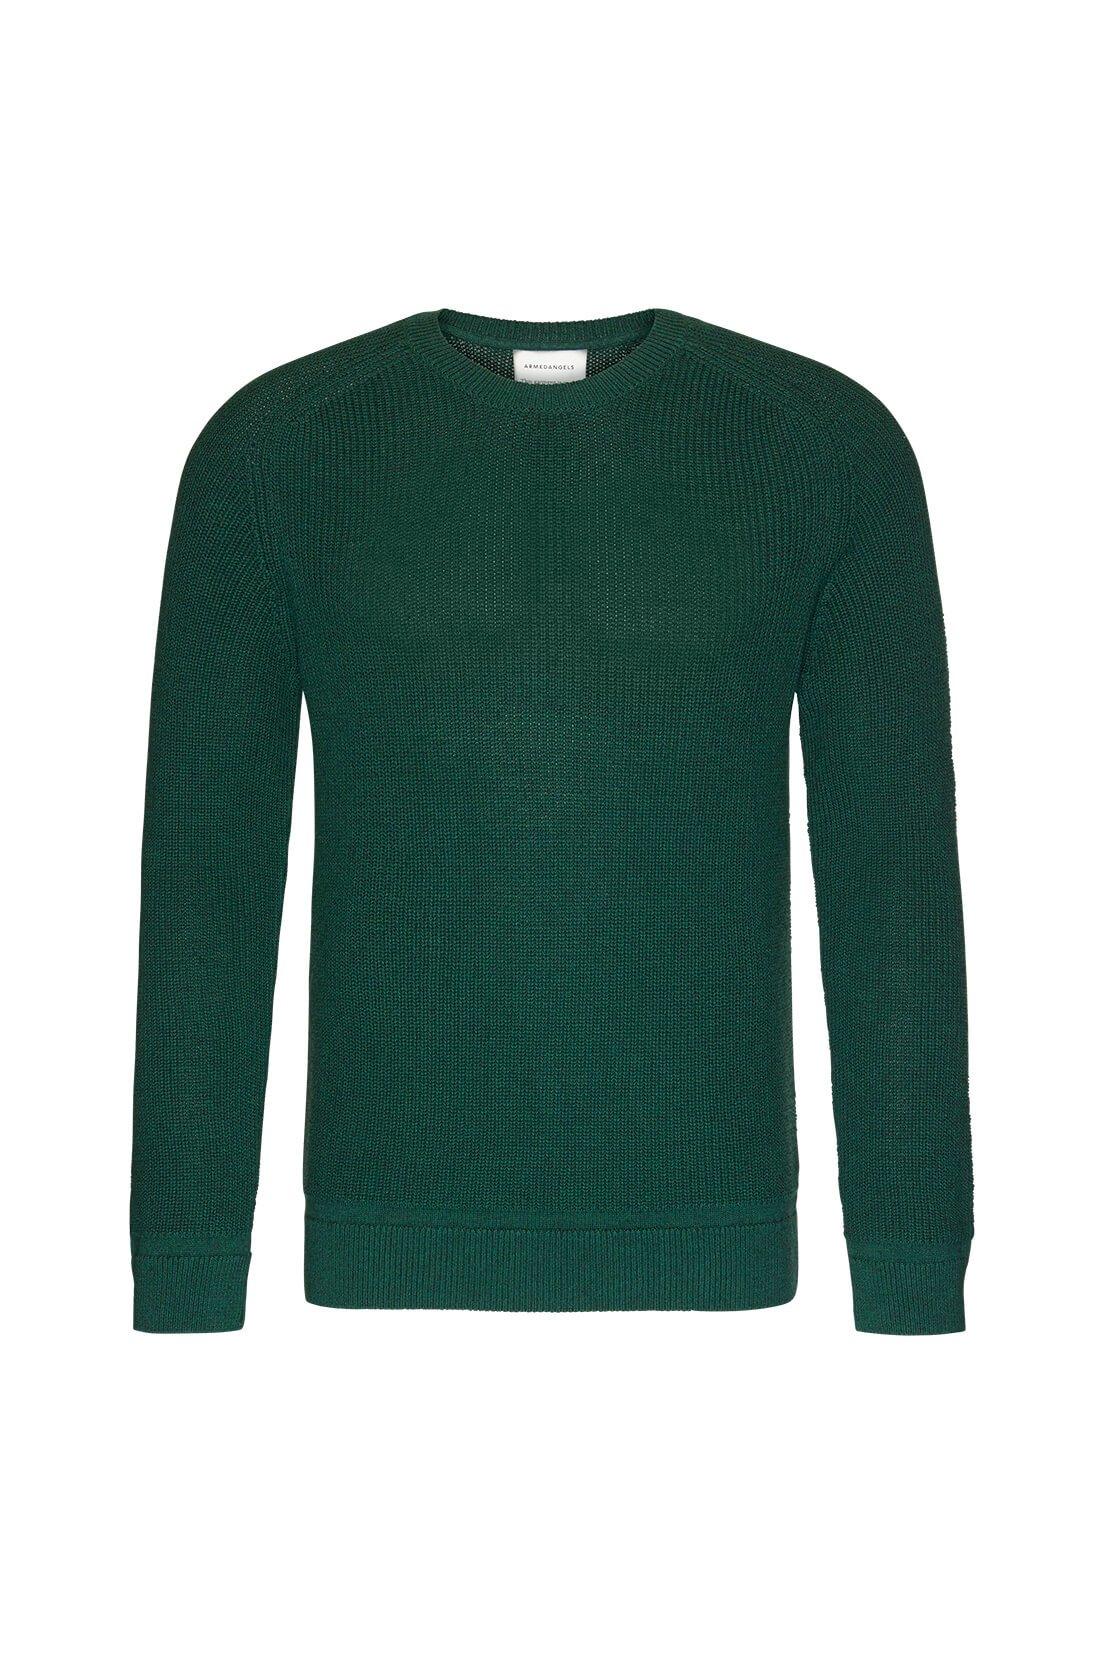 Pullover Aandri Grün from LOVECO